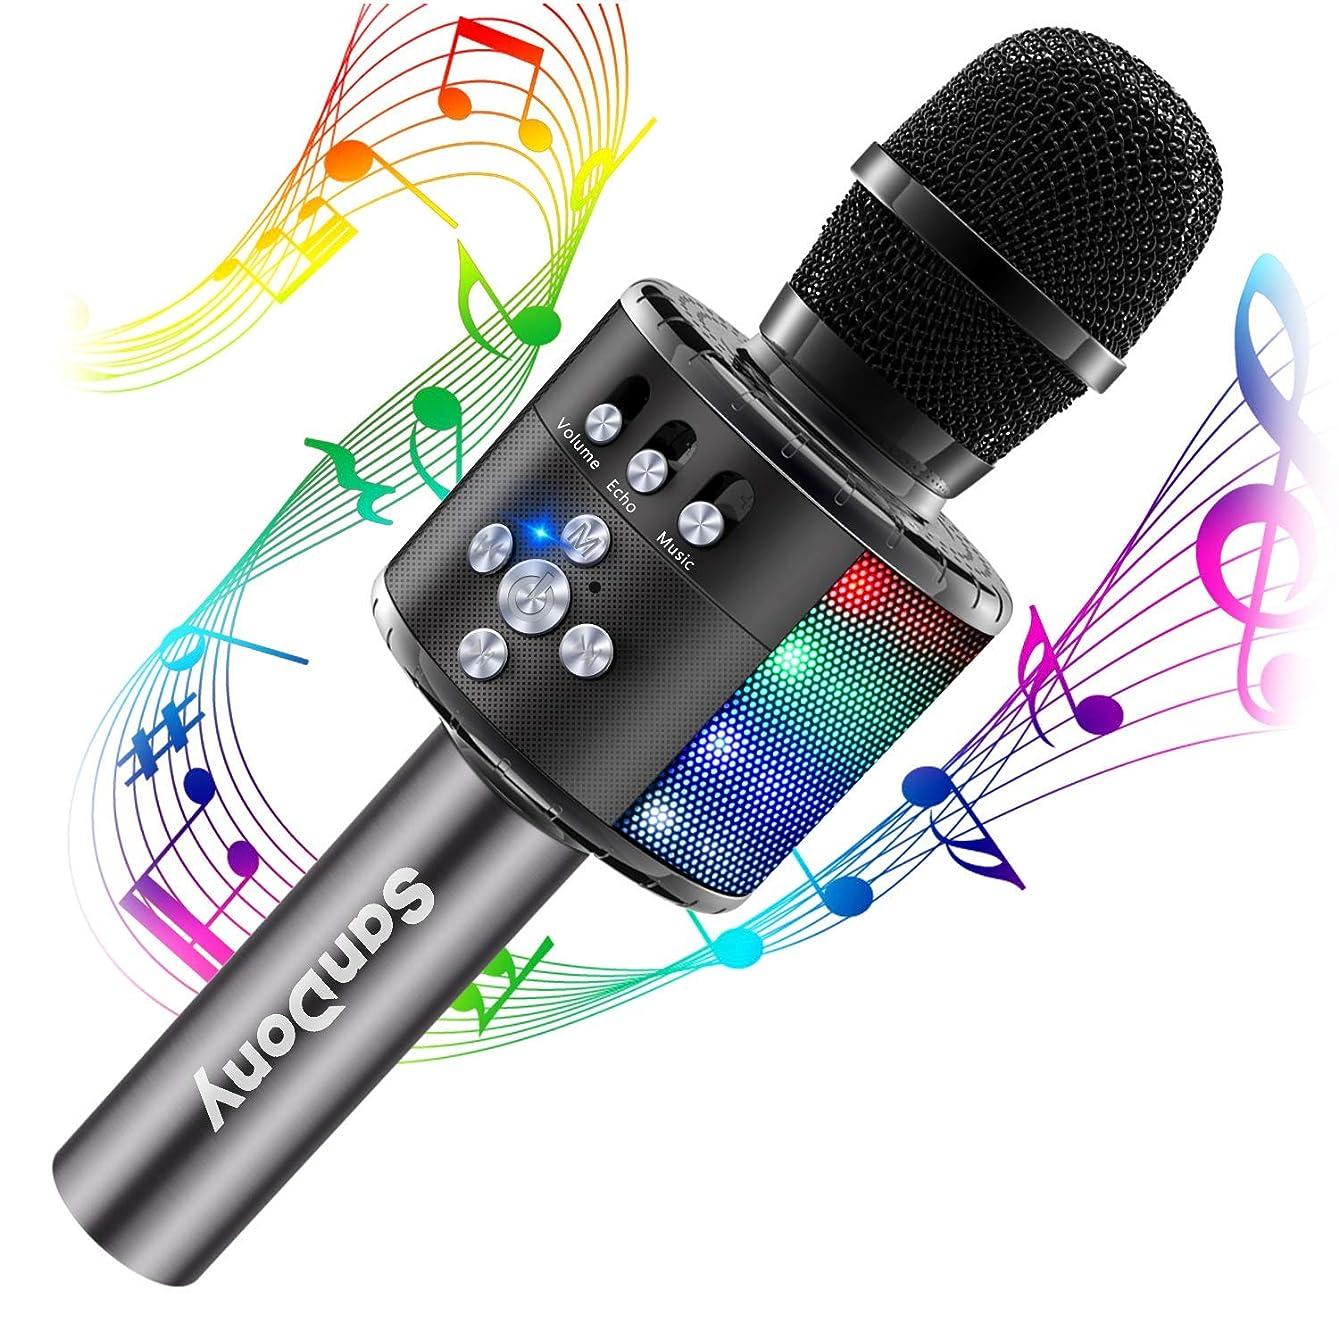 すばらしいです五むちゃくちゃ【2019進化版】 カラオケマイク bluetooth ポータブルスピーカー ブルートゥース ワイヤレスマイク 高音質 音楽再生 ノイズキャンセリング LEDライト付き 大容量 2800mAh Android/iPhoneに対応 (ブラック)